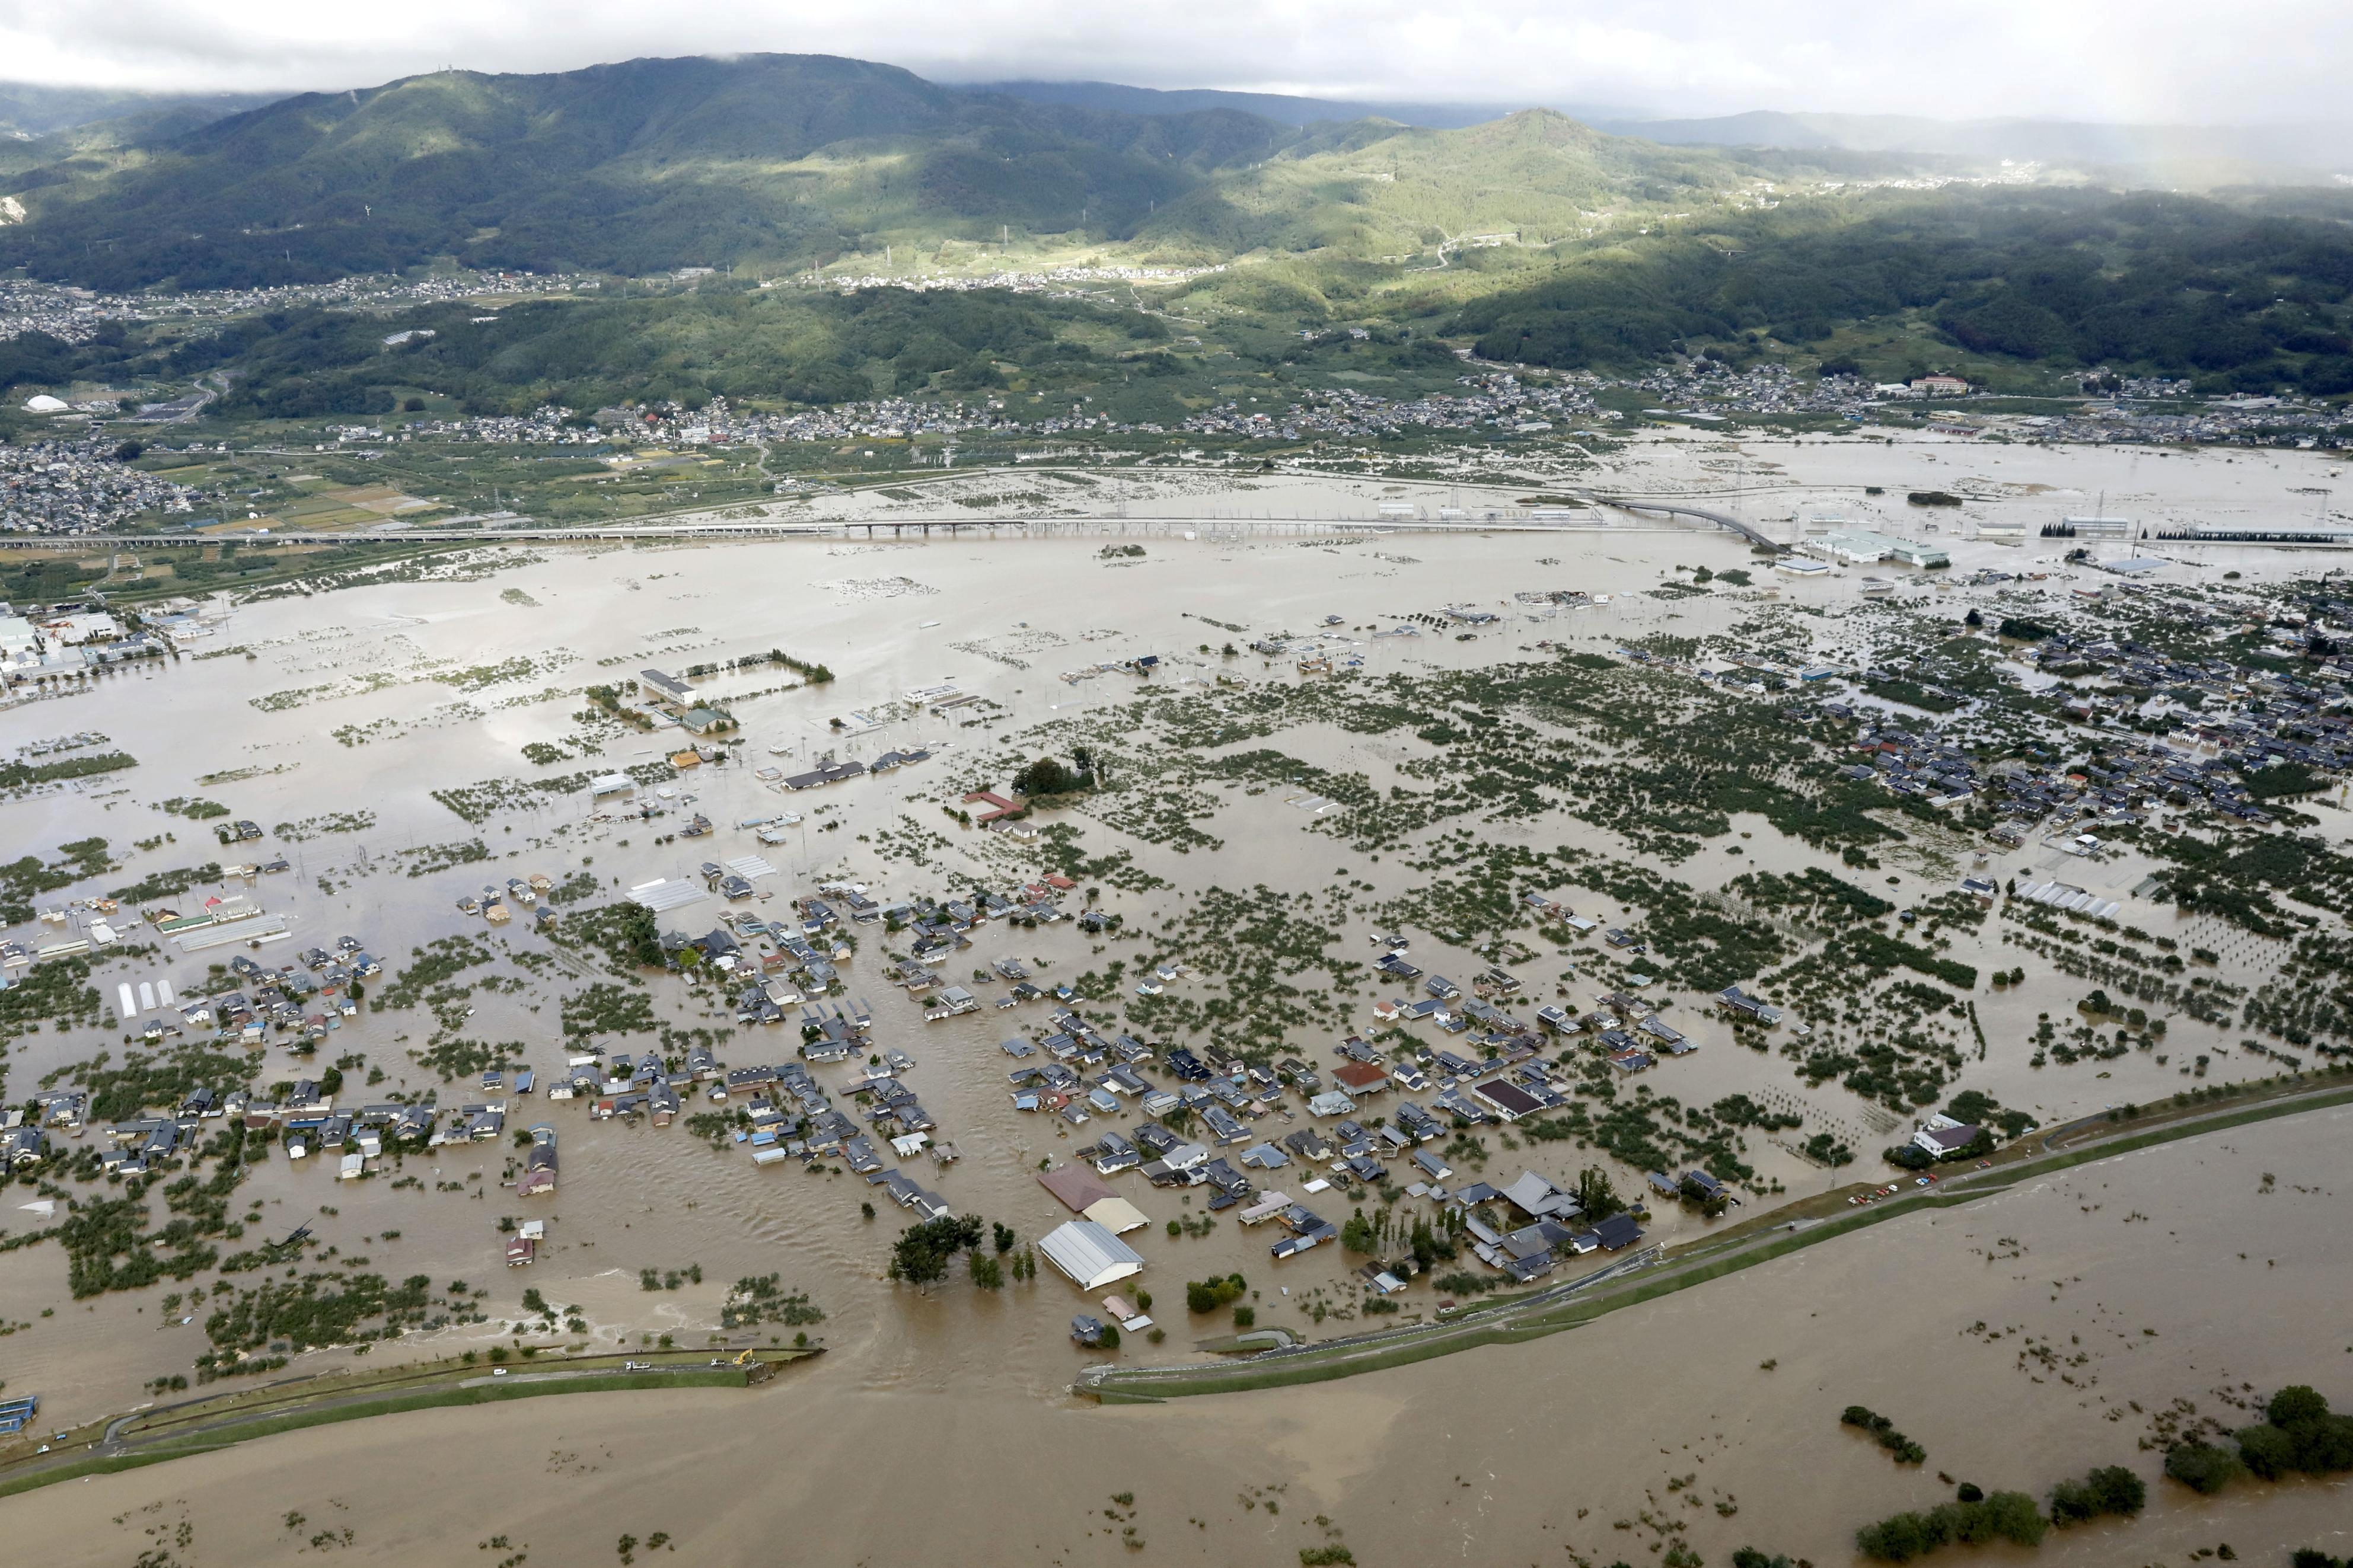 Ιαπωνία: Τεράστιες καταστροφές από τον τυφώνα Χαγκίμπις - 11 νεκροί ο νεότερος απολογισμός